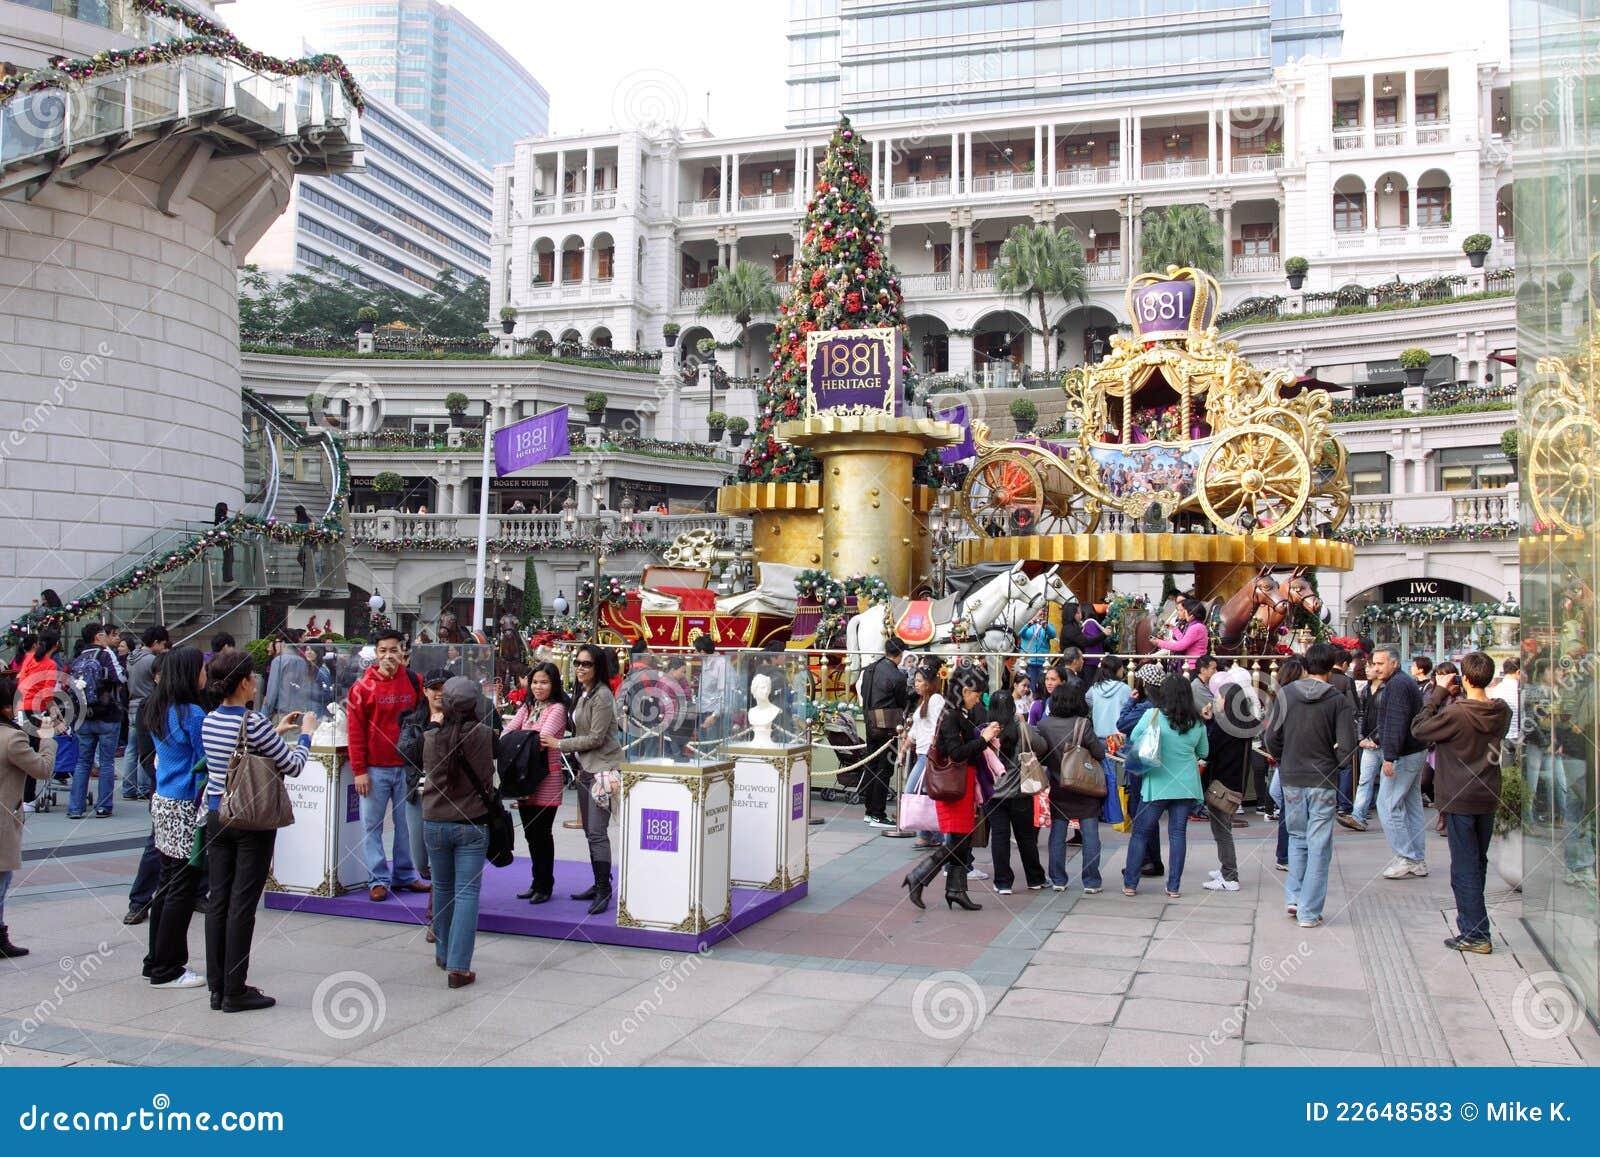 Hong Kong Hotels and Travel Guide